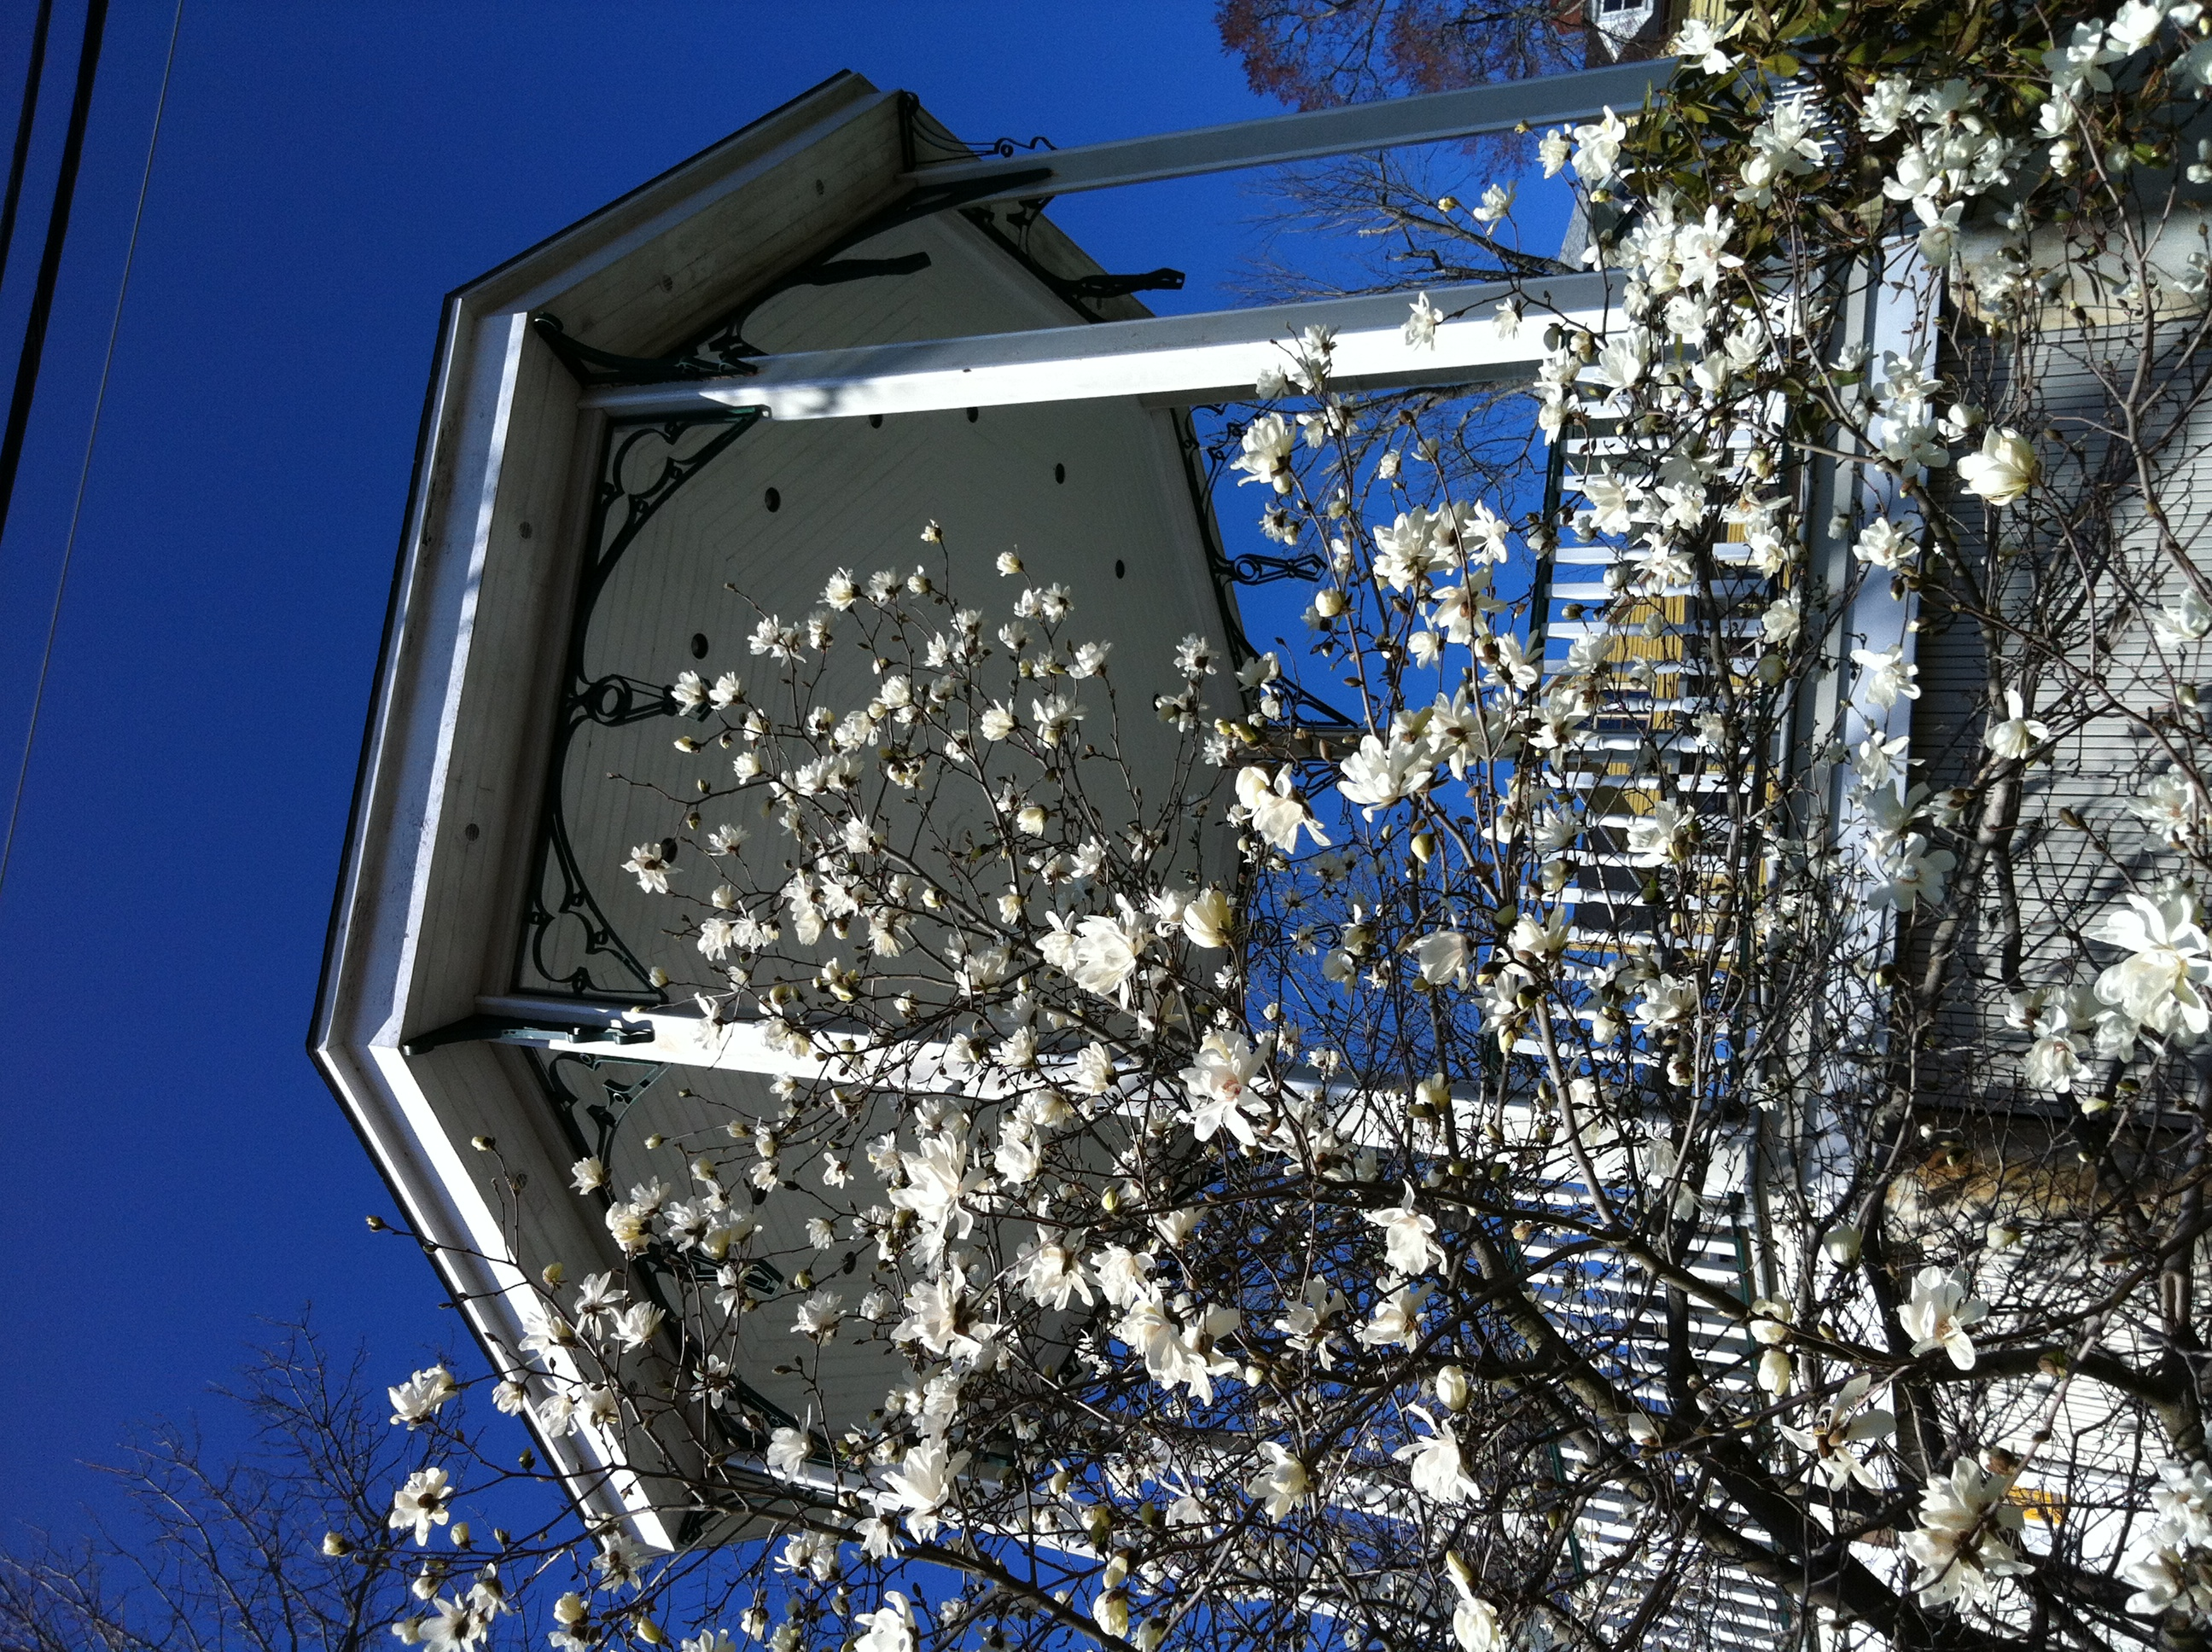 Town square magnolias